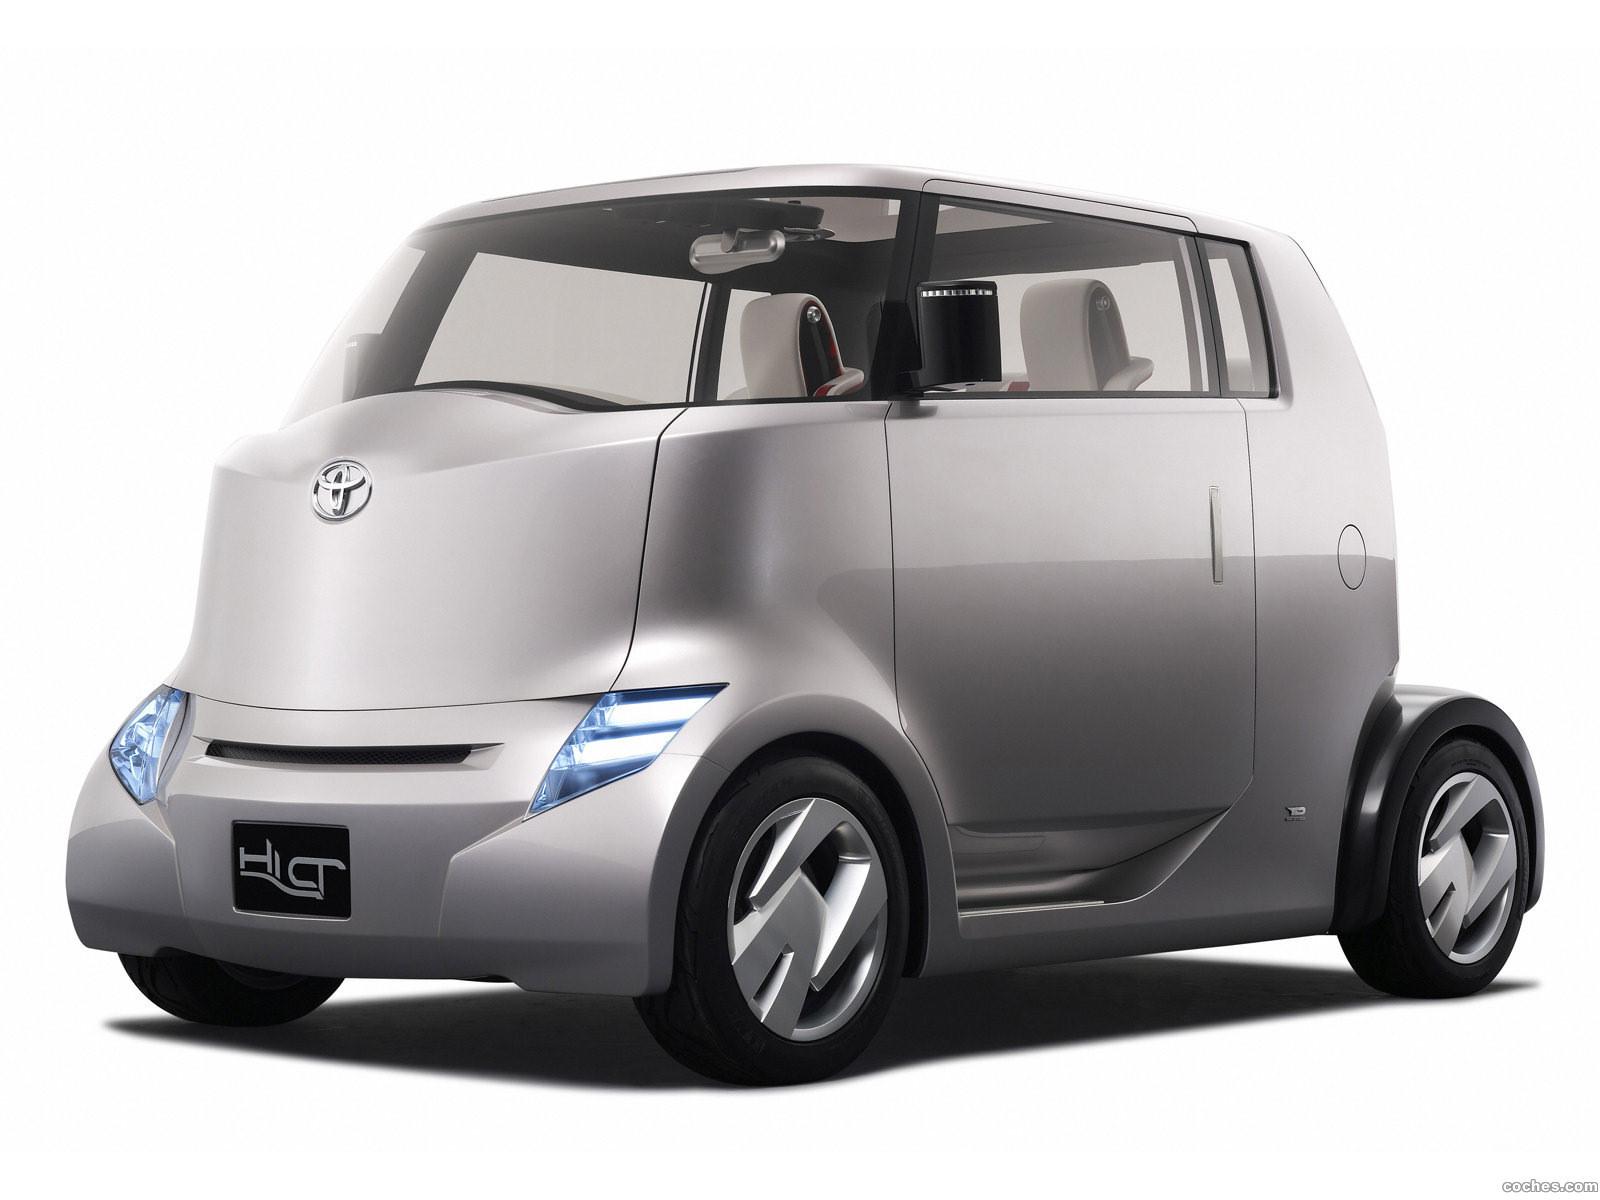 Foto 0 de Toyota Hi-CT Concept 2007